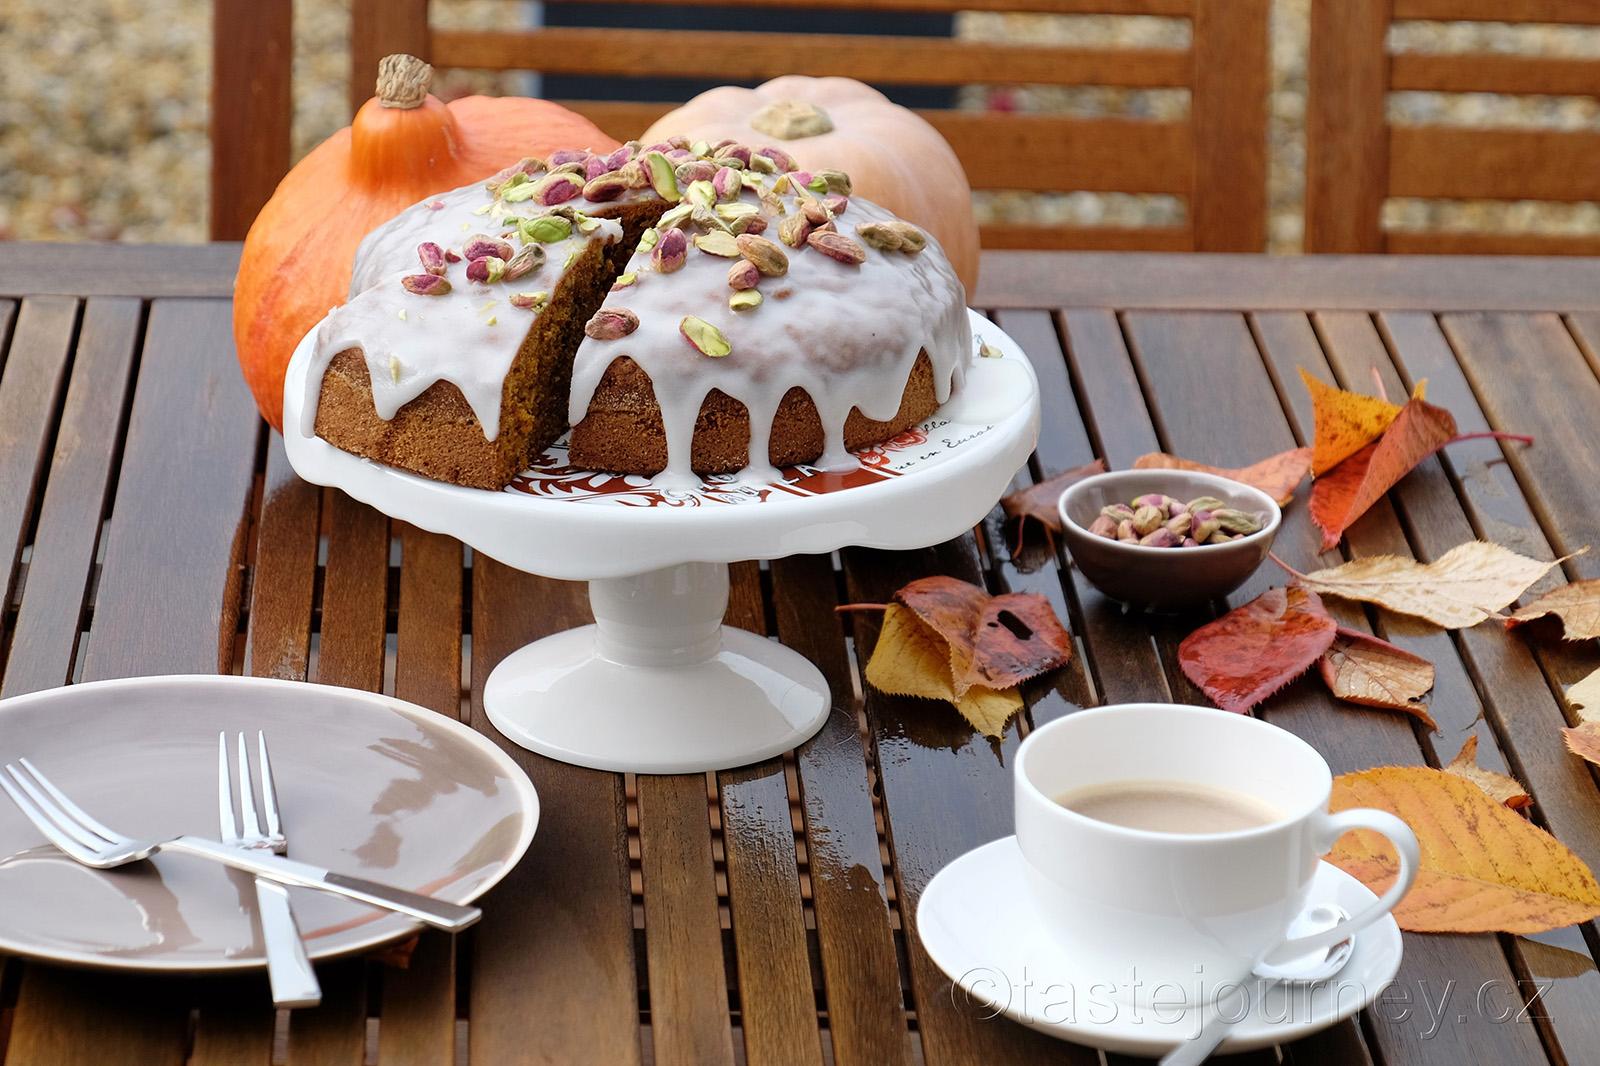 Mrkvový dort s dýní ke kávě či čaji patří k podzimu